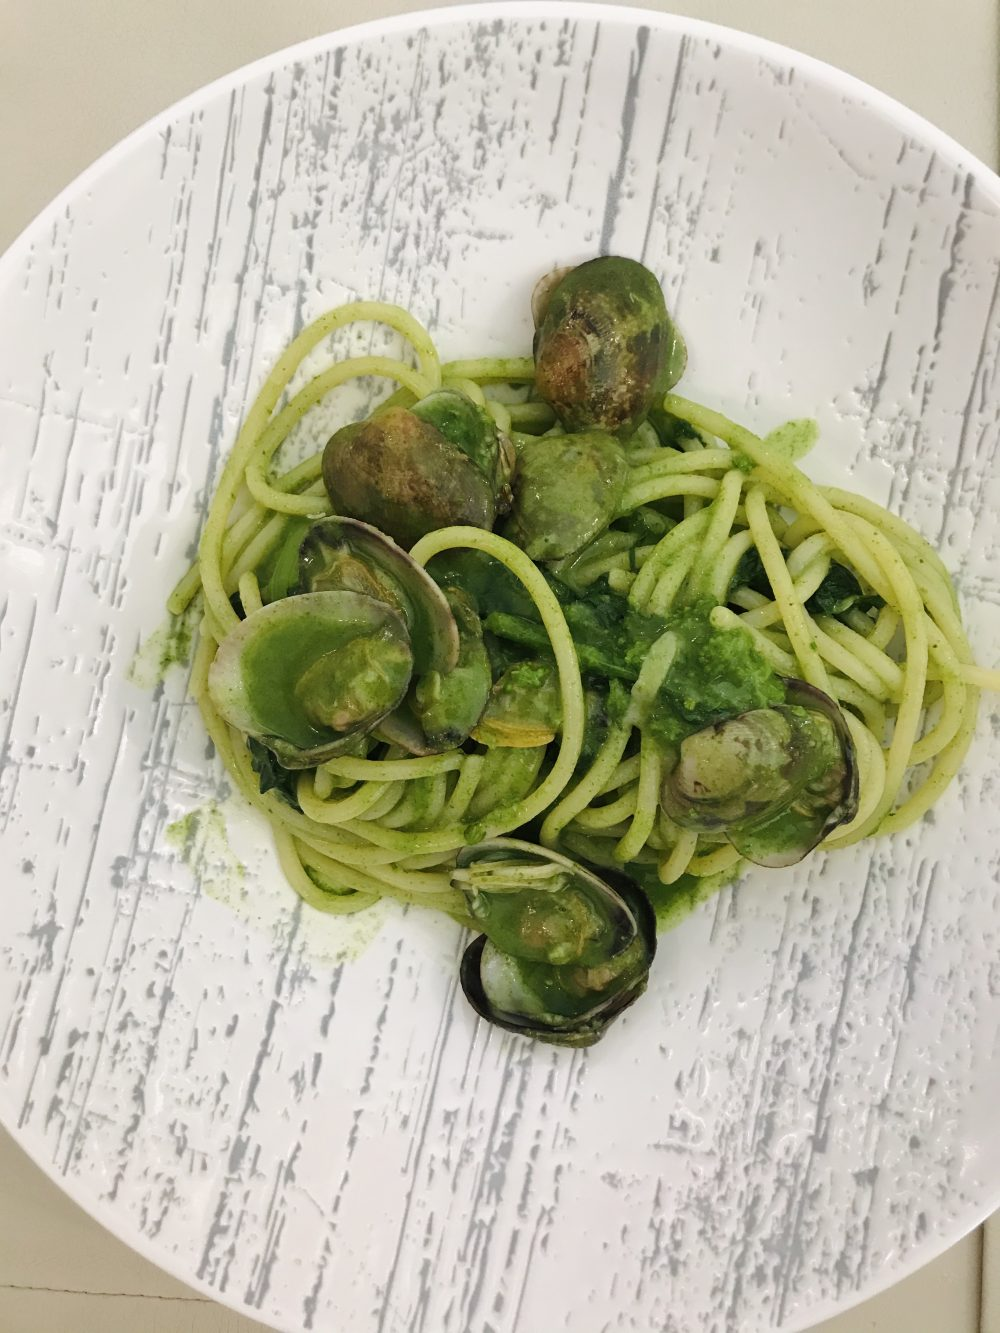 Rovy Ristorante - Spaghetto con broccoli e vongole veraci